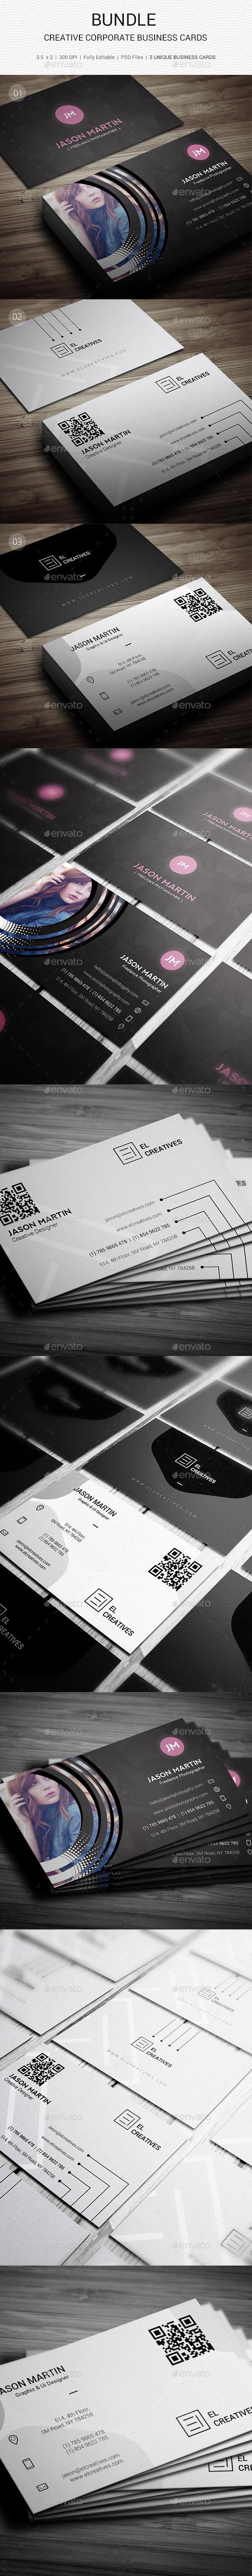 Bundle - Creative Corporate Business Cards -133 - Creative Business Cards